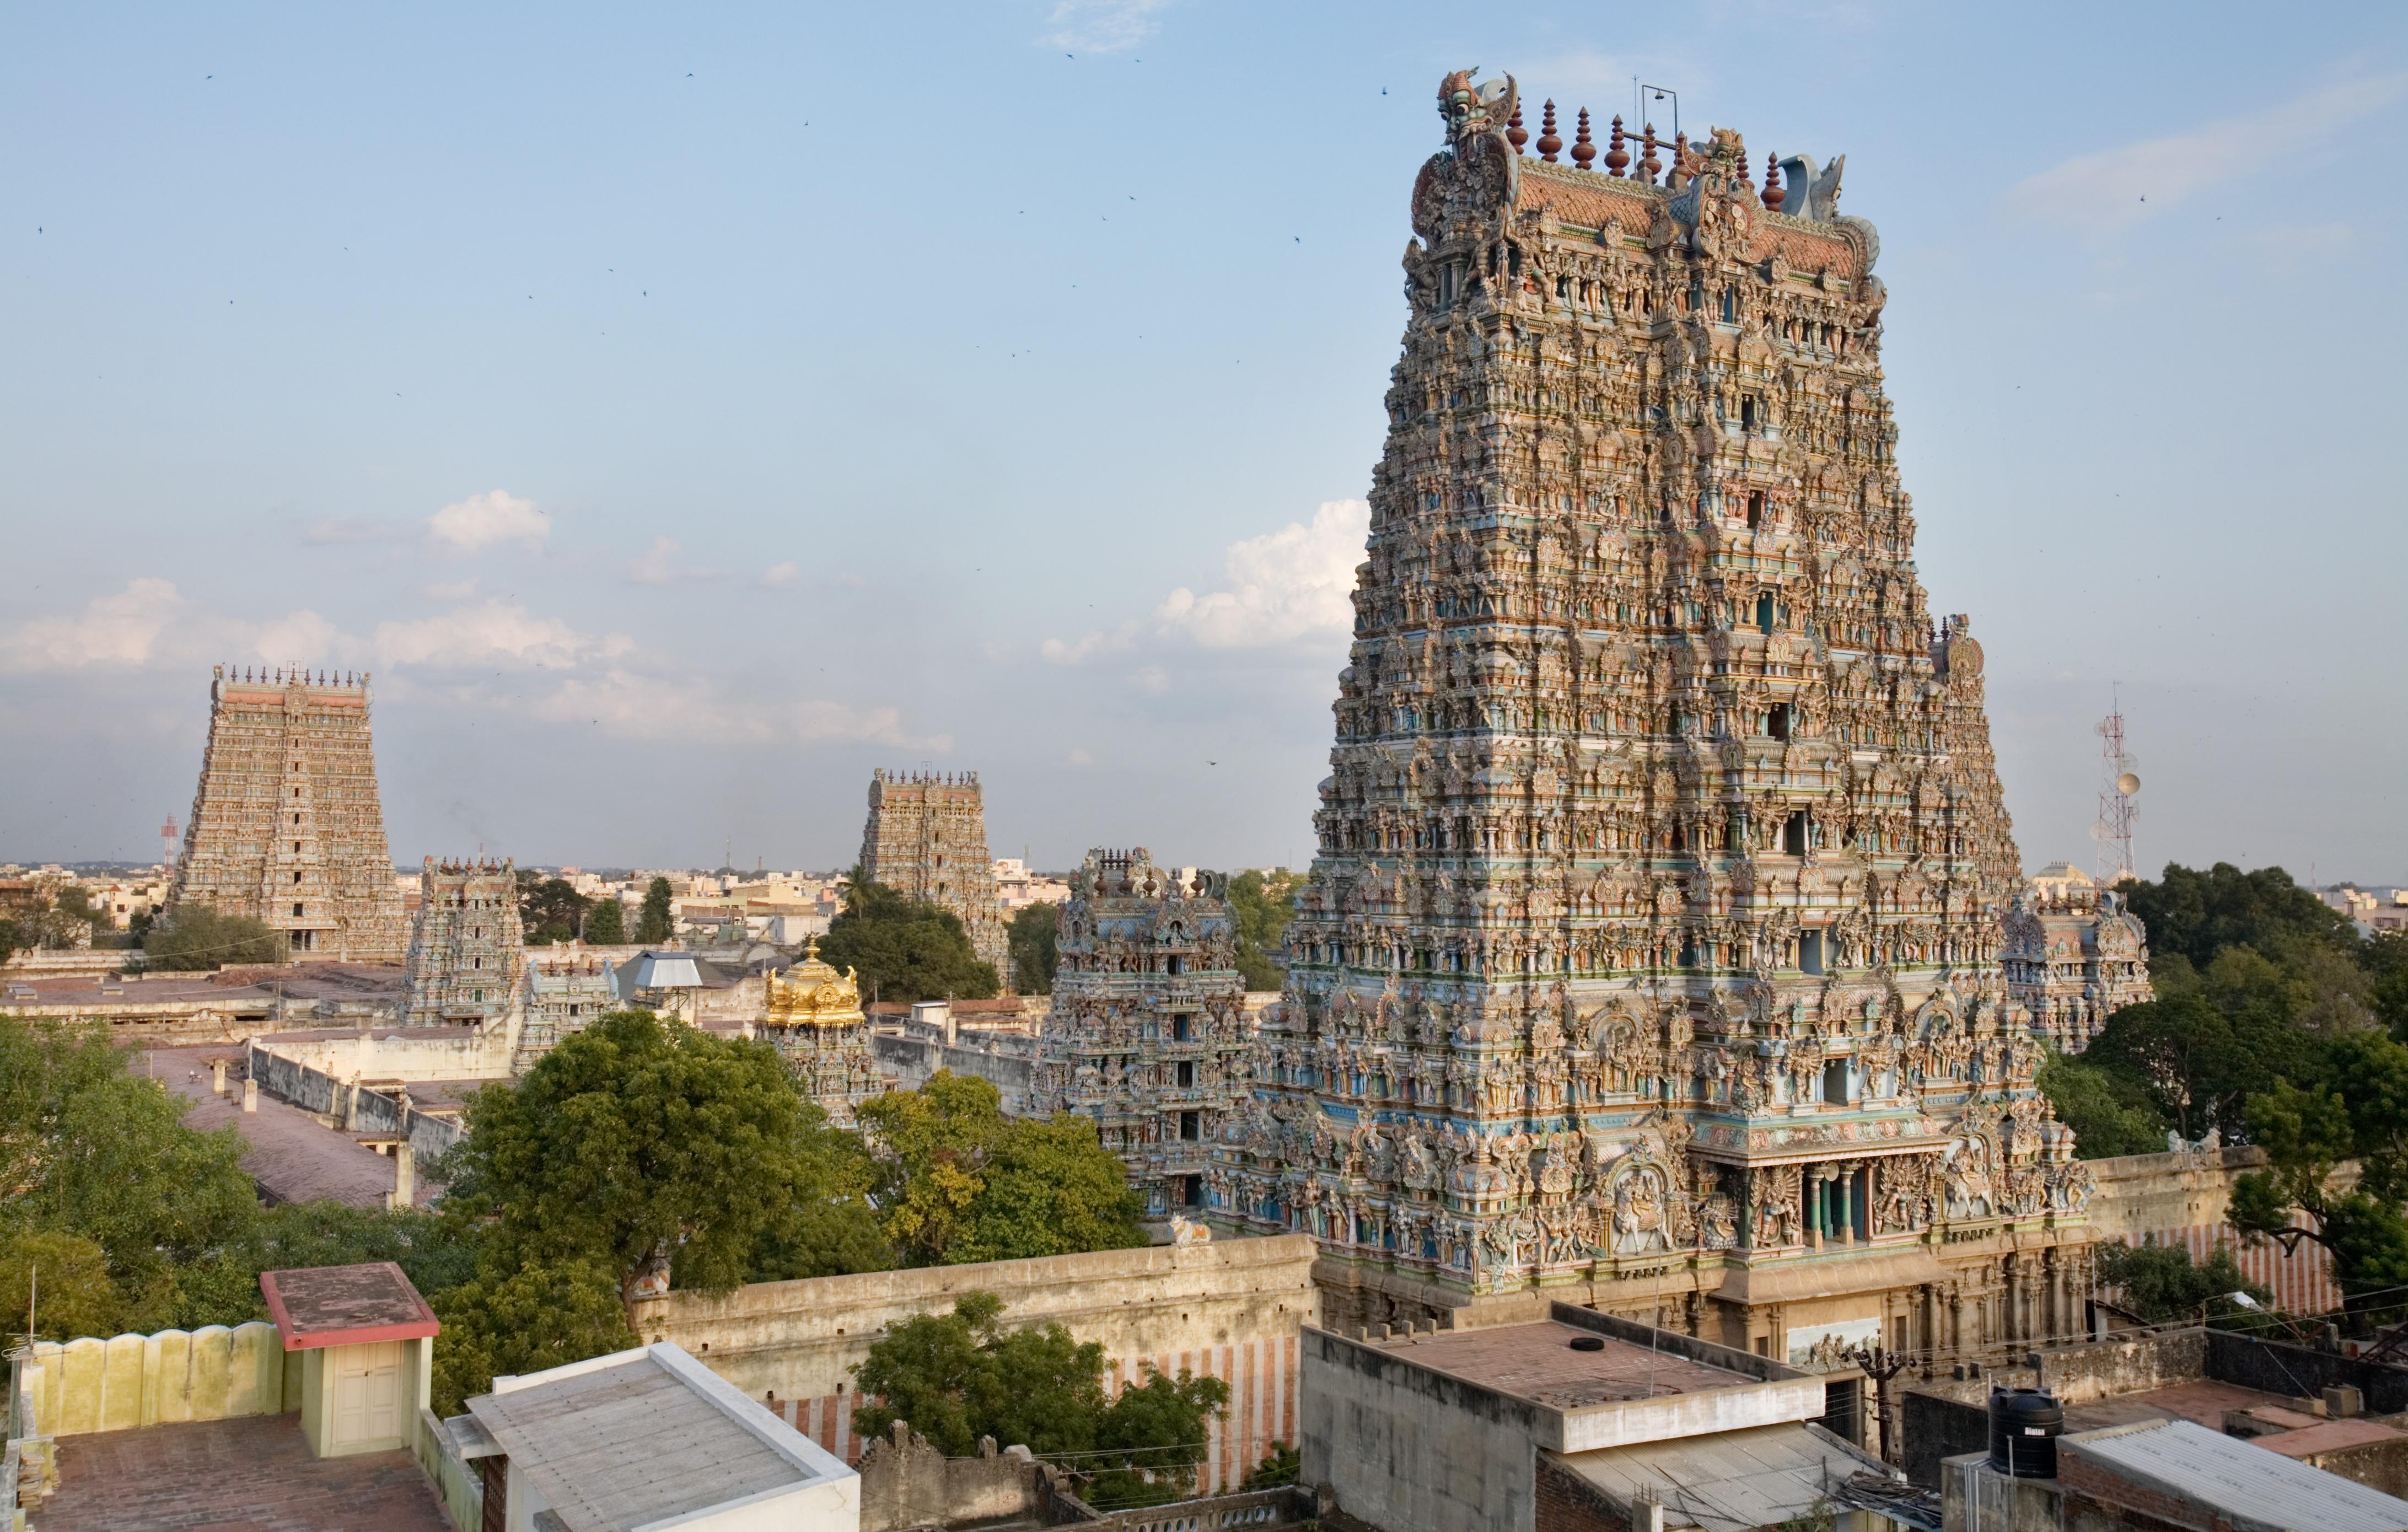 Meenakshi Amman Temple, Madurai, Tamil Nadu, India [4368 × 2779]